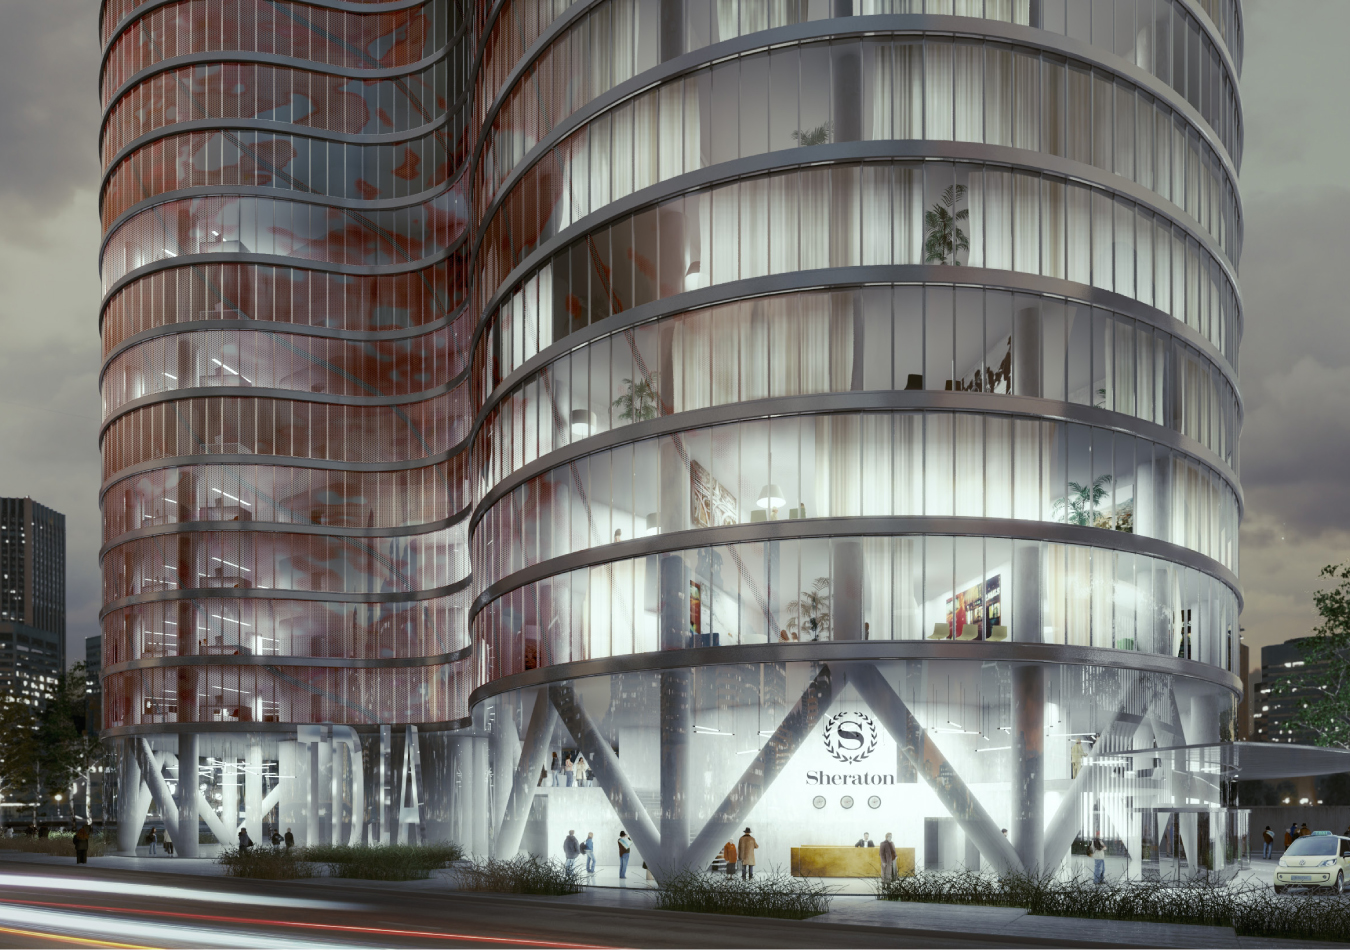 paris tour jardins de l 39 arche 656 ft 54 floors. Black Bedroom Furniture Sets. Home Design Ideas